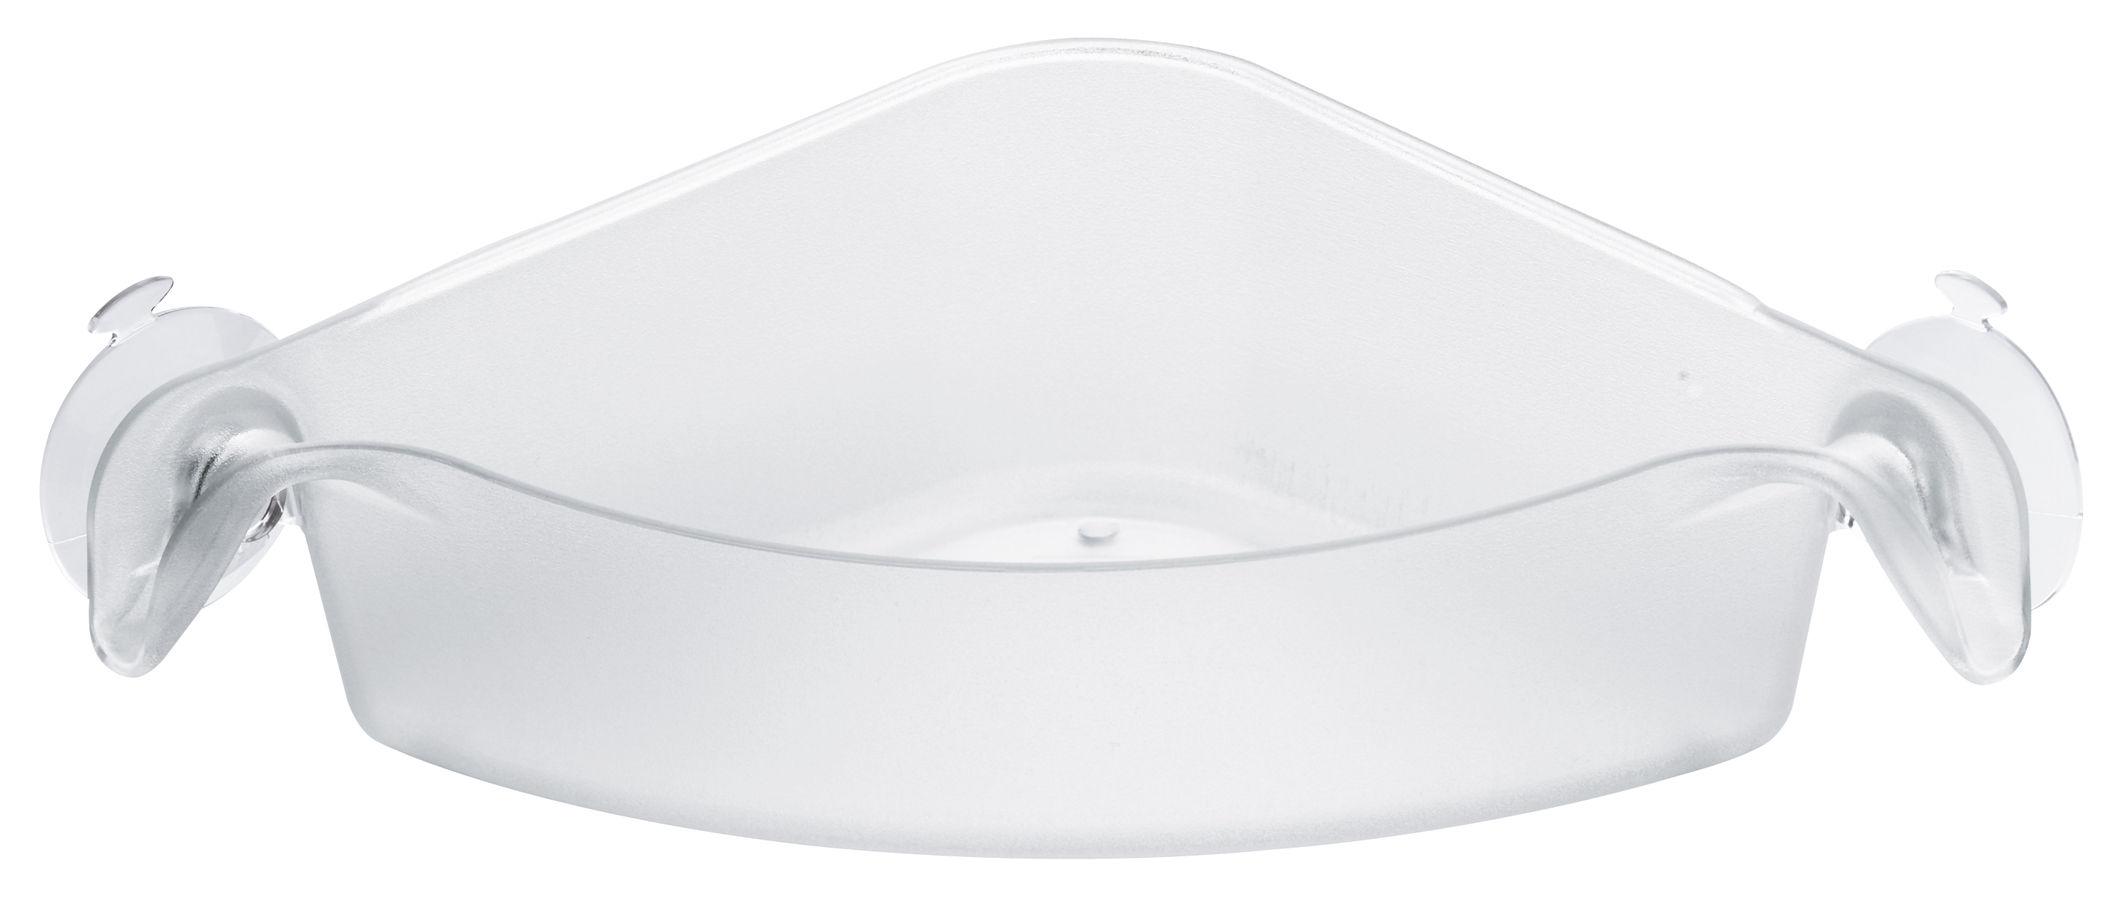 Dekoration - Badezimmer - Boks Aufbewahrungsbehälter Eckelement - mit Saugnäpfen - Koziol - Transparent - Plastikmaterial